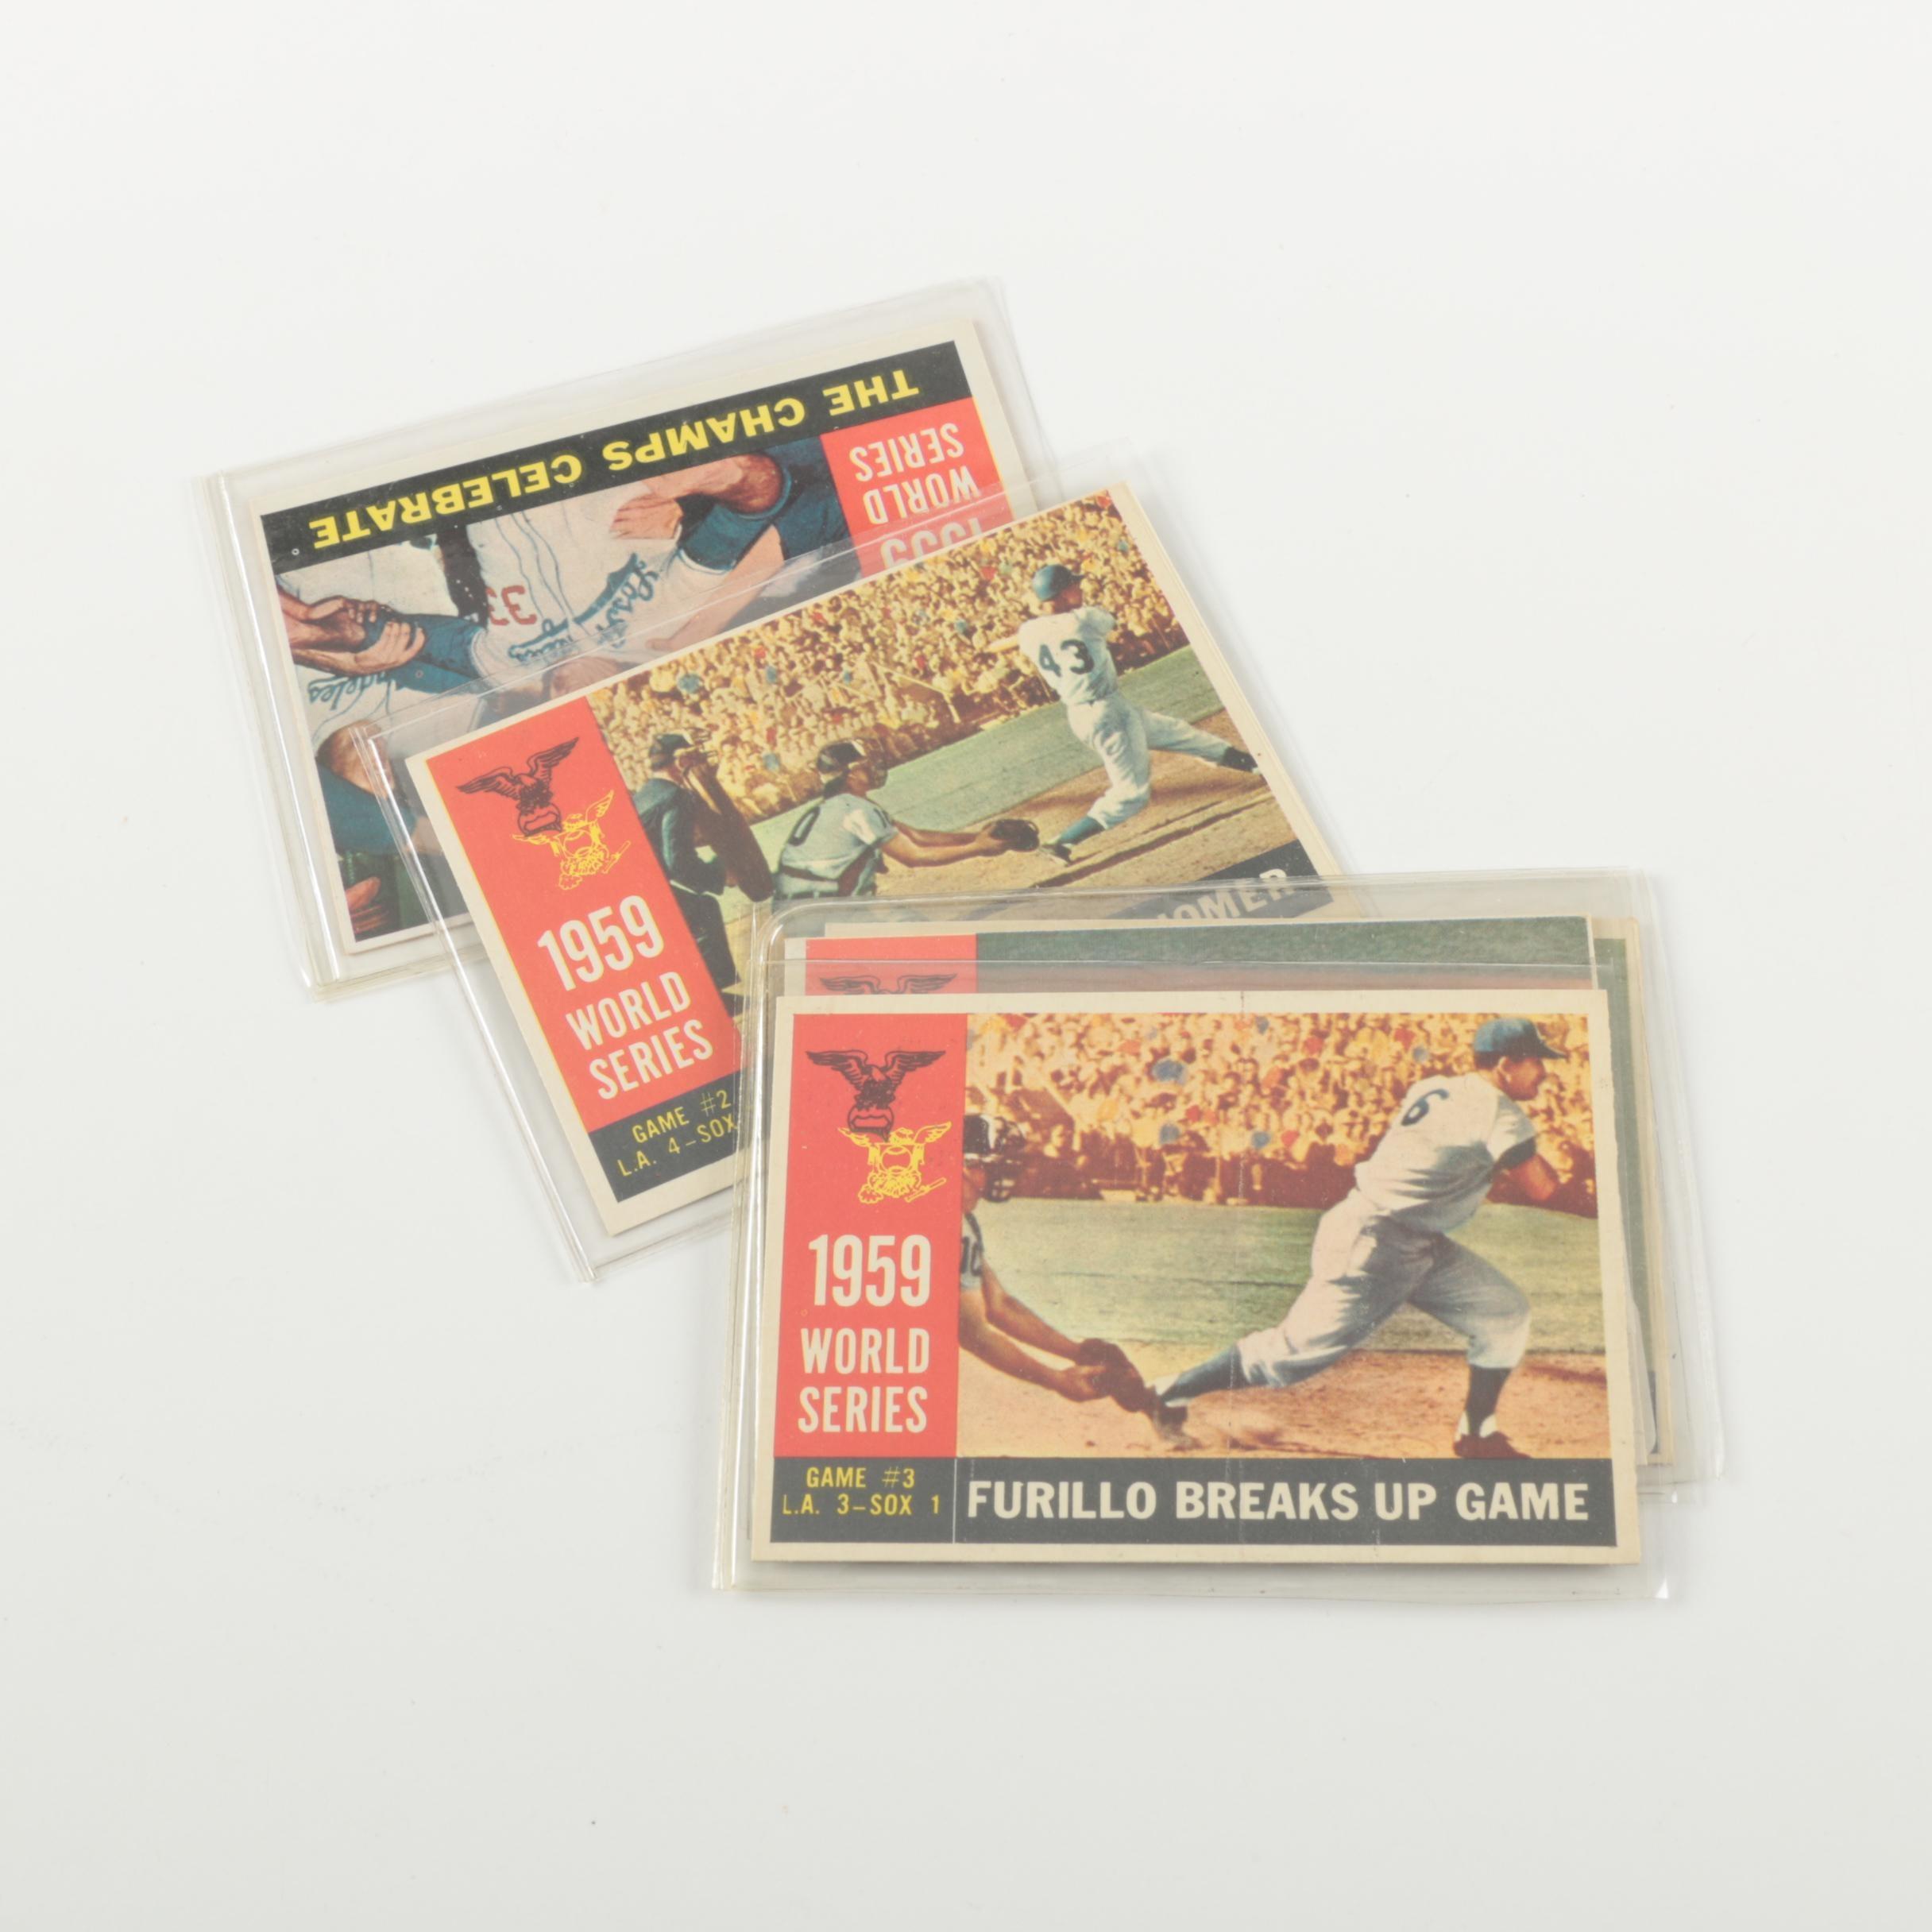 1960 Topps 1959 World Series Baseball Cards